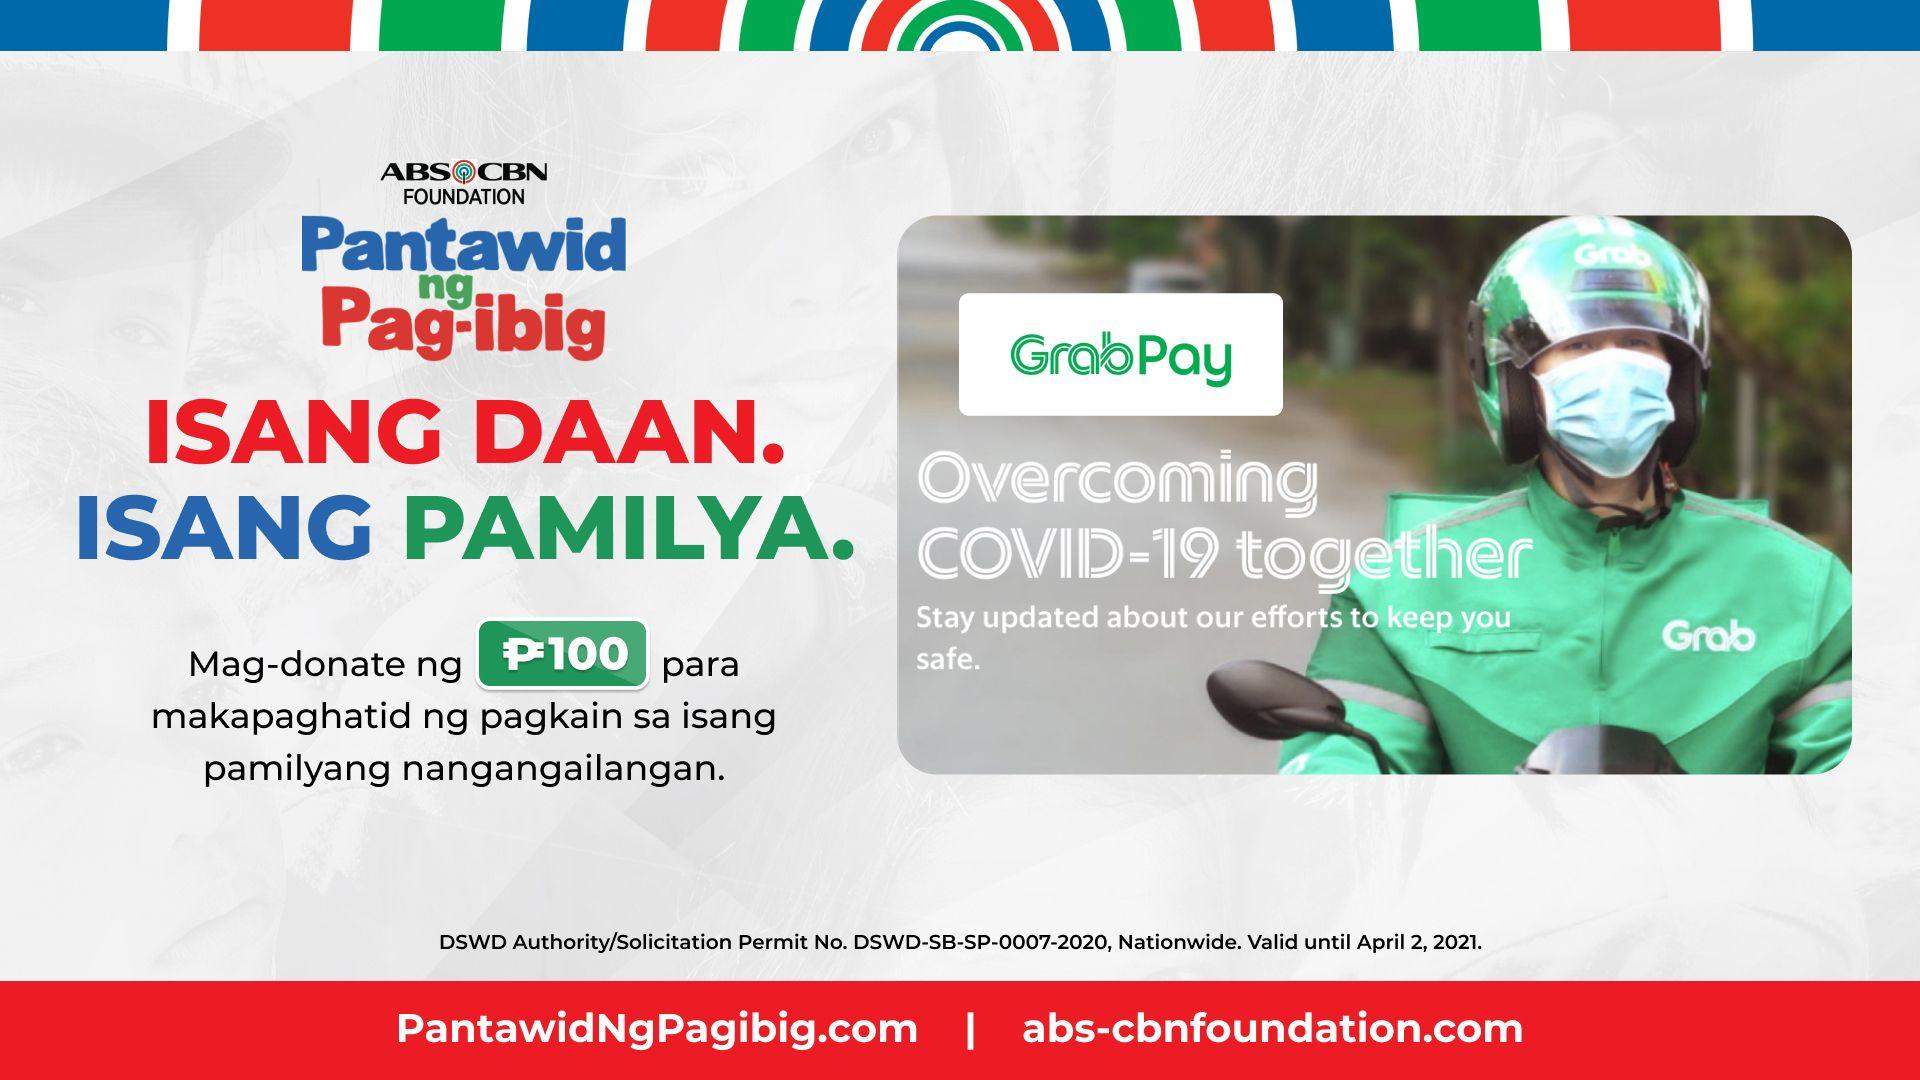 'Pantawid ng Pag-ibig': Relief packs hatid sa 2 barangay sa Polangui, Albay 6